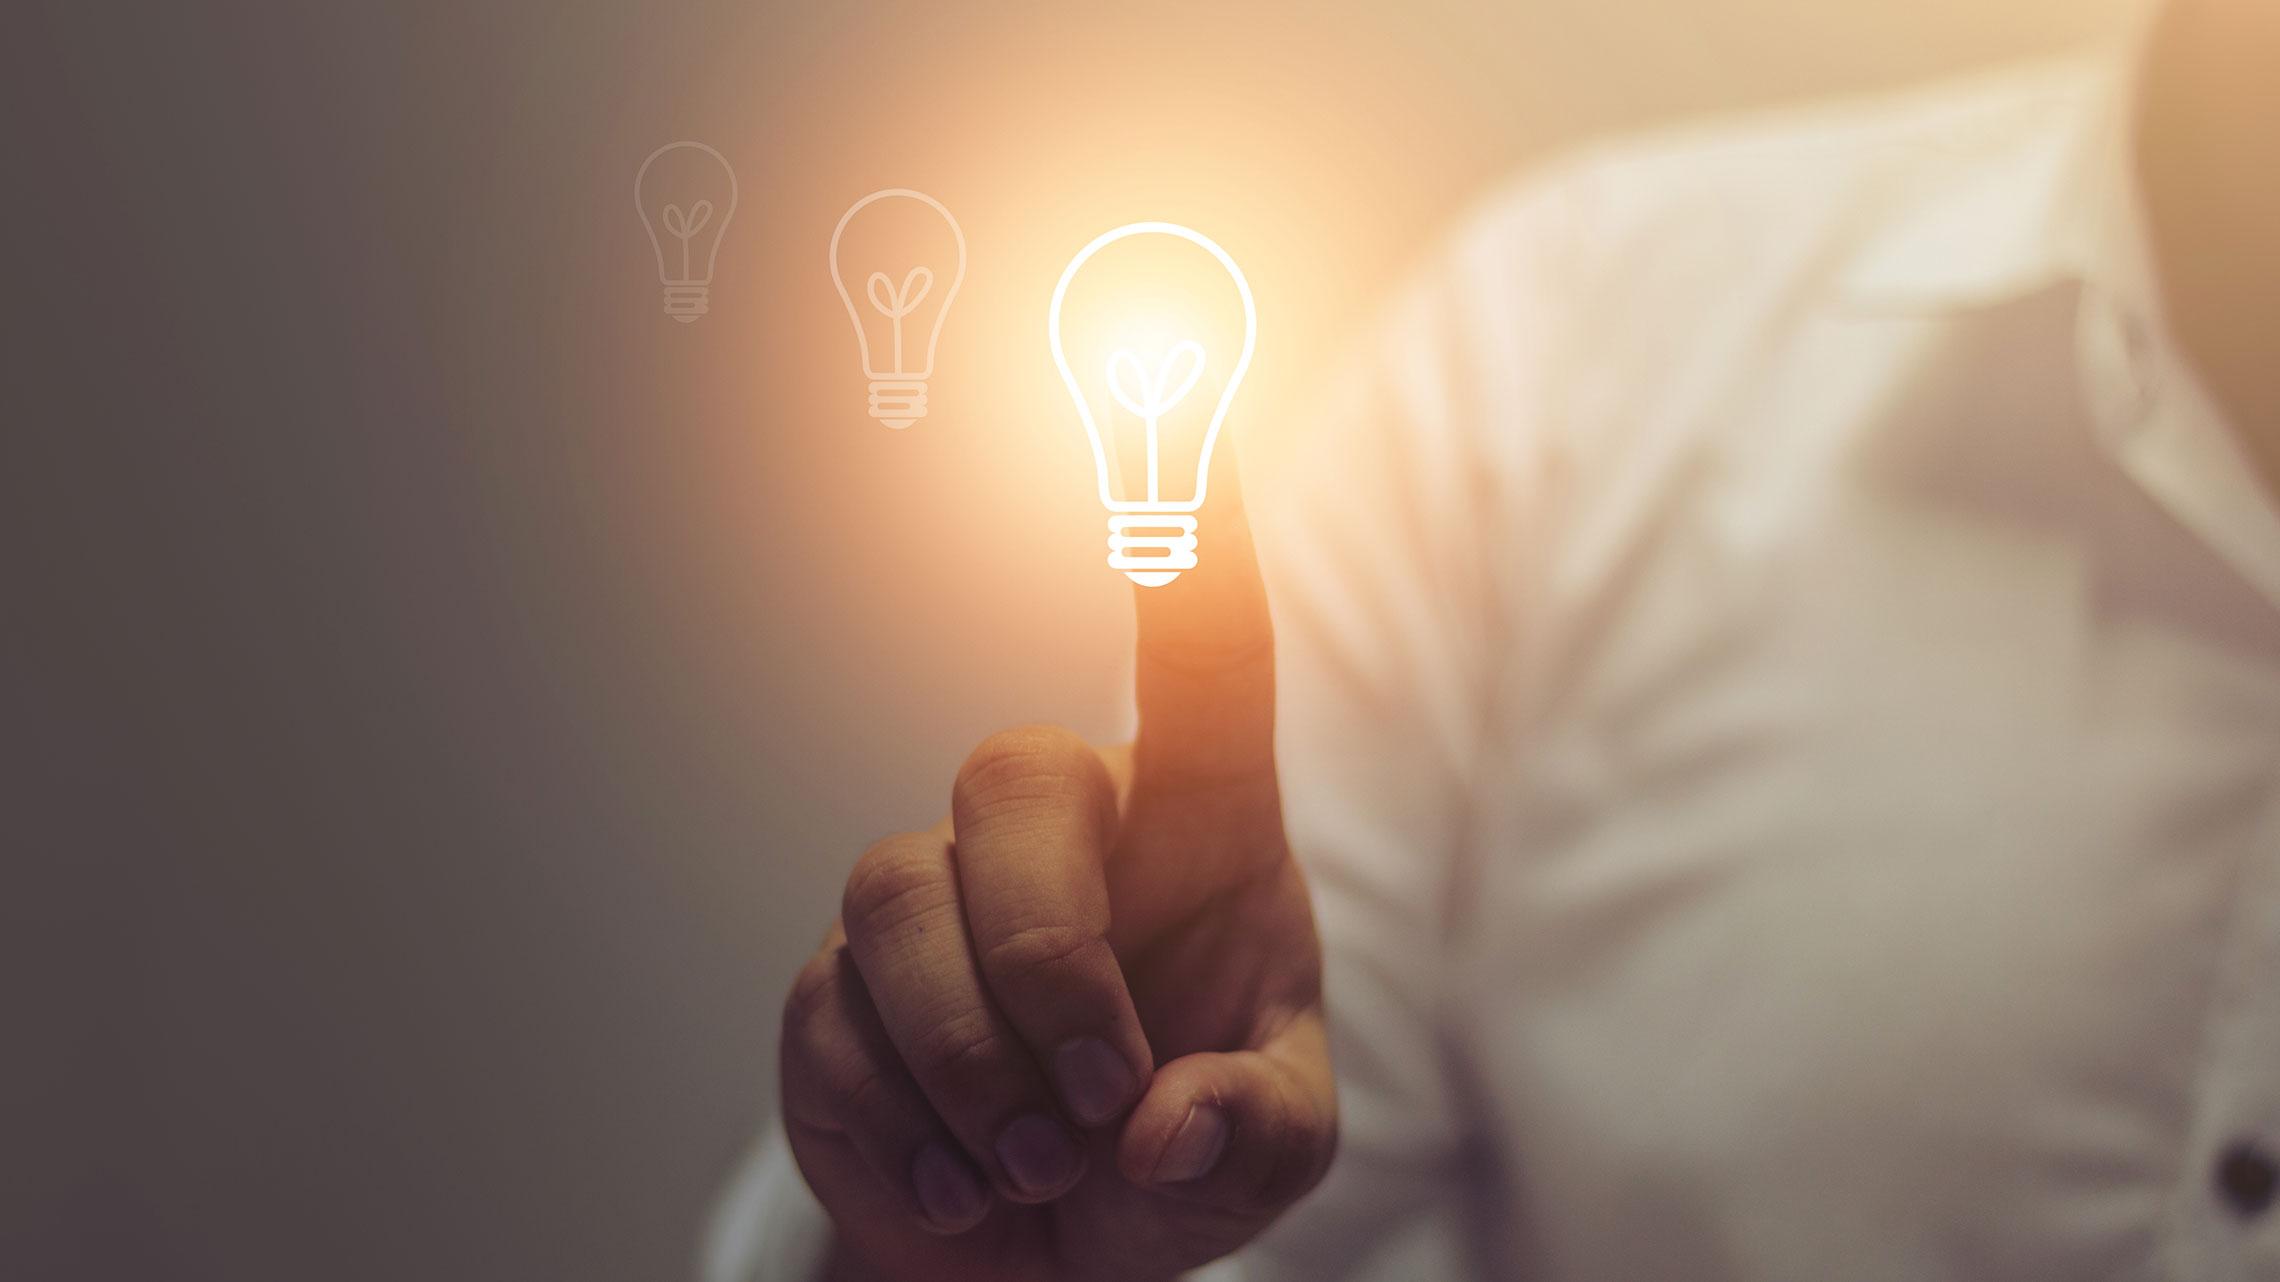 Prémio Inovação INCM 2017 – Sessão de divulgação